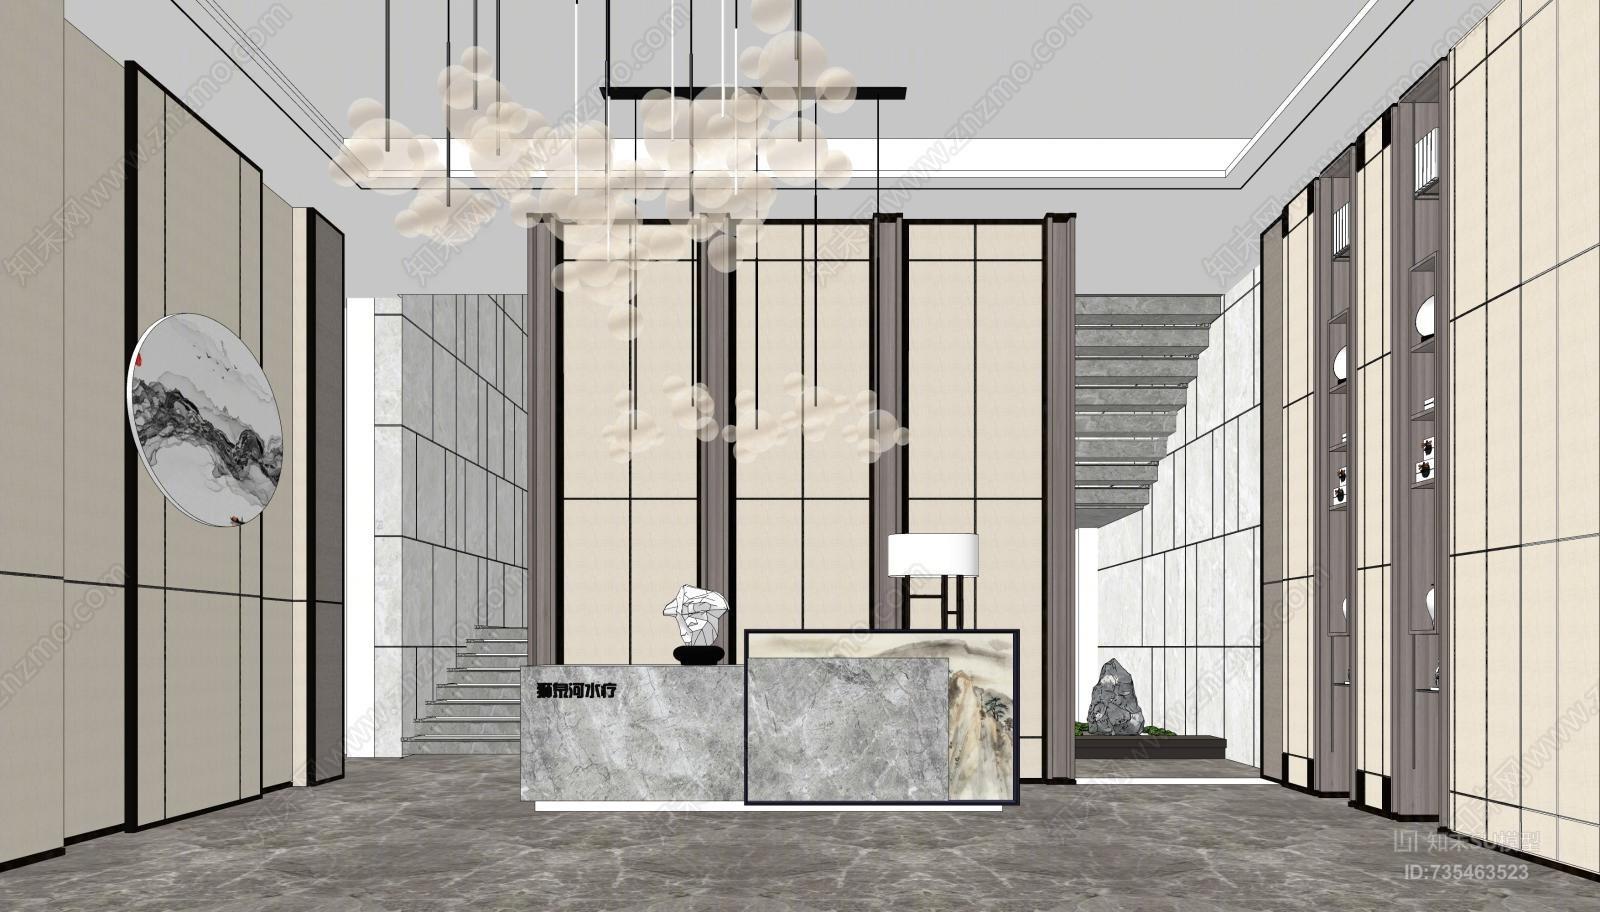 现代售楼处门厅空间